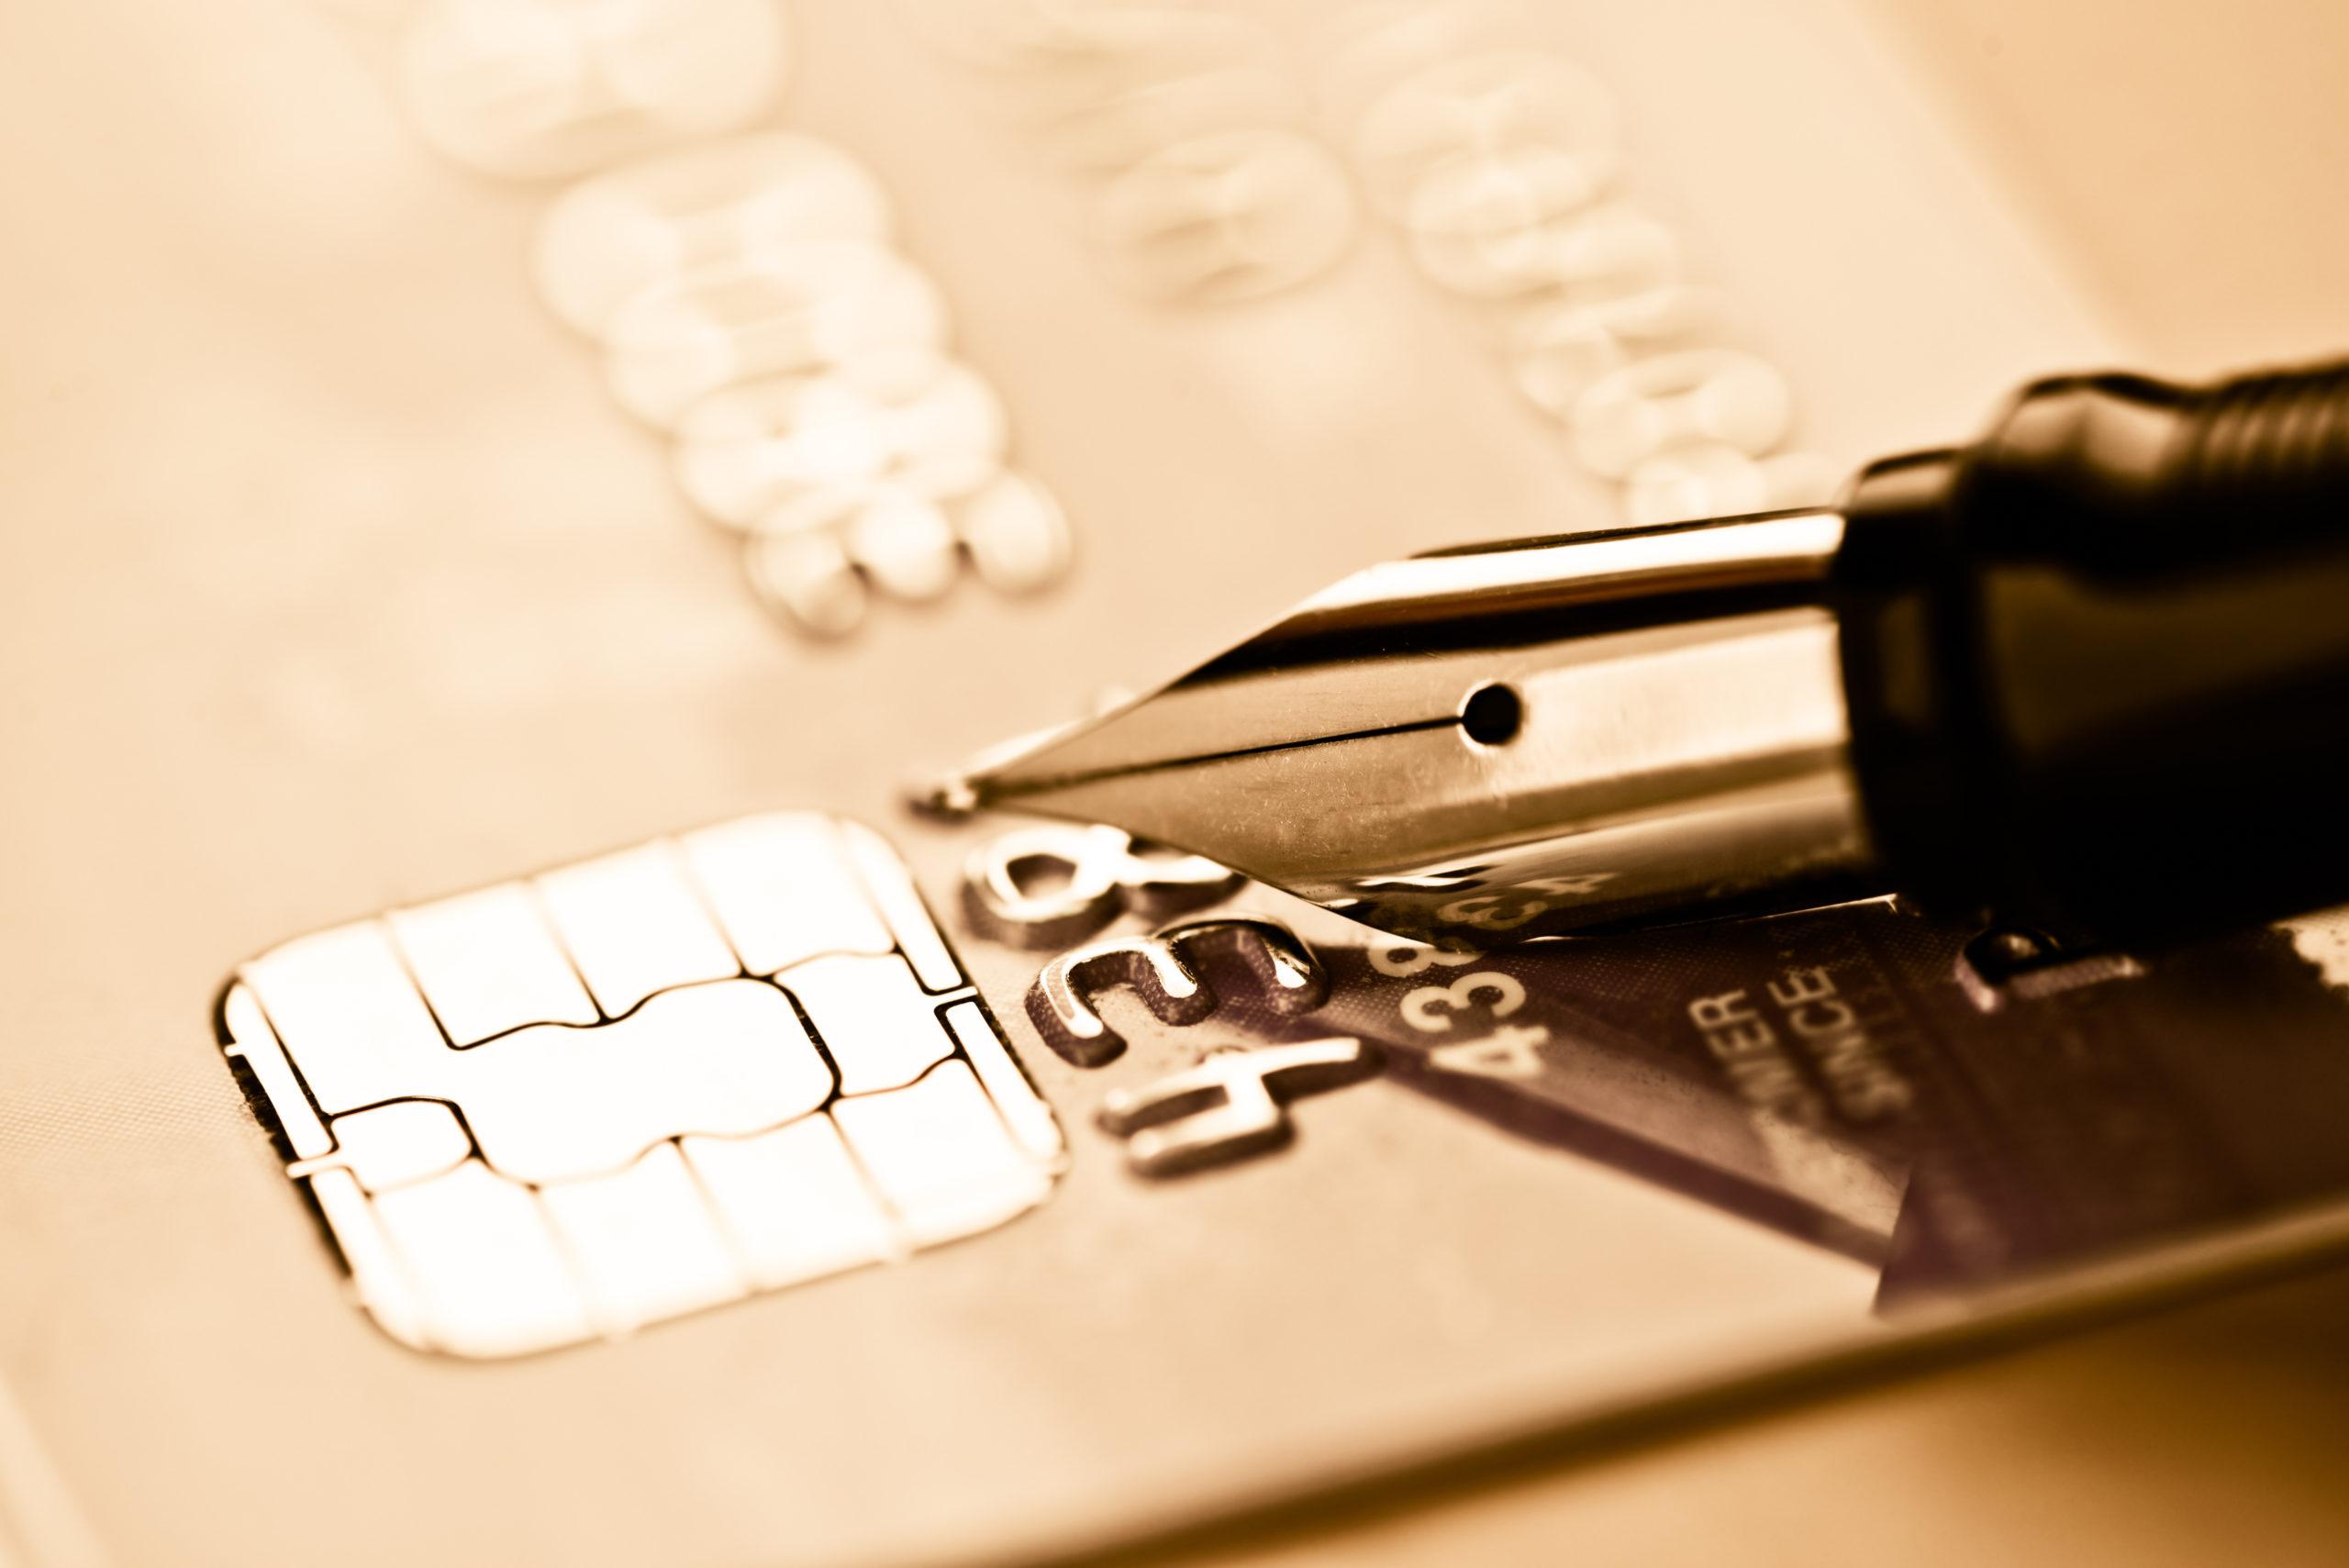 Kreditkarte und Füller, Banking